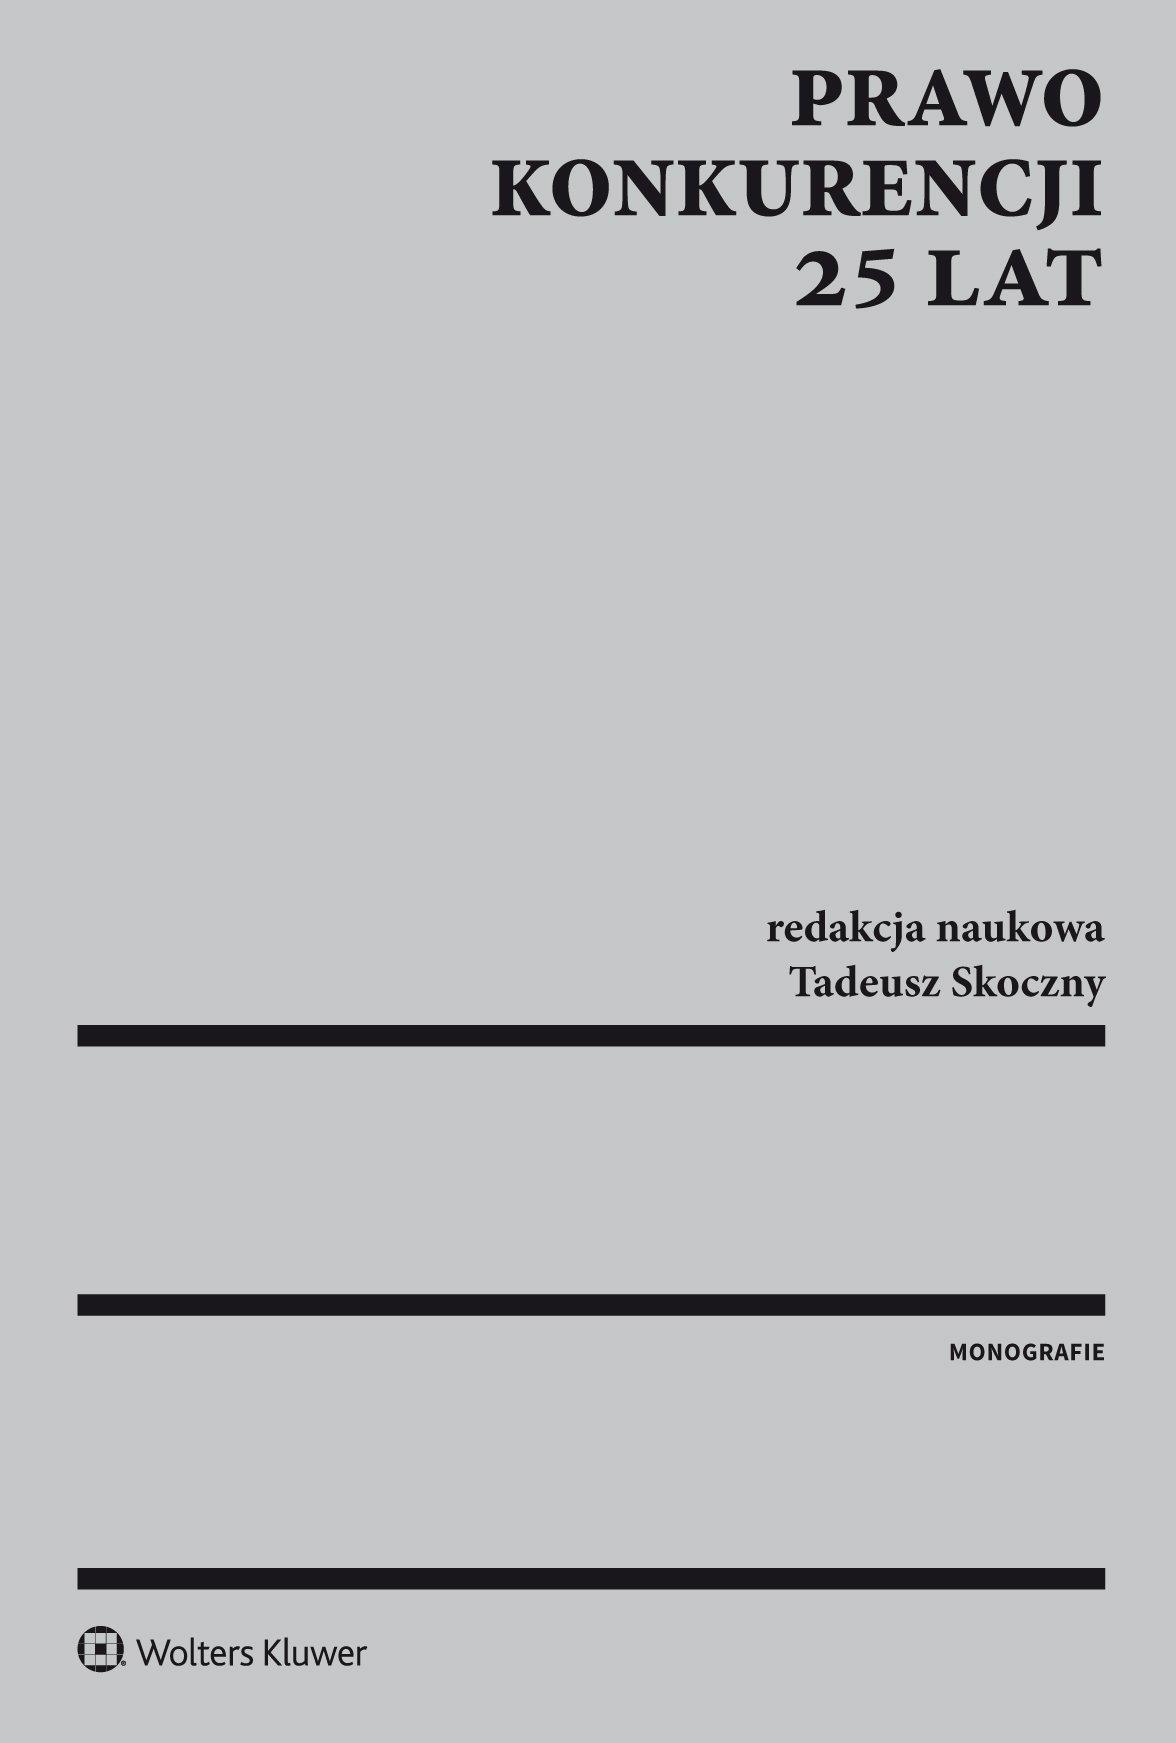 Prawo konkurencji. 25 lat - Ebook (Książka PDF) do pobrania w formacie PDF